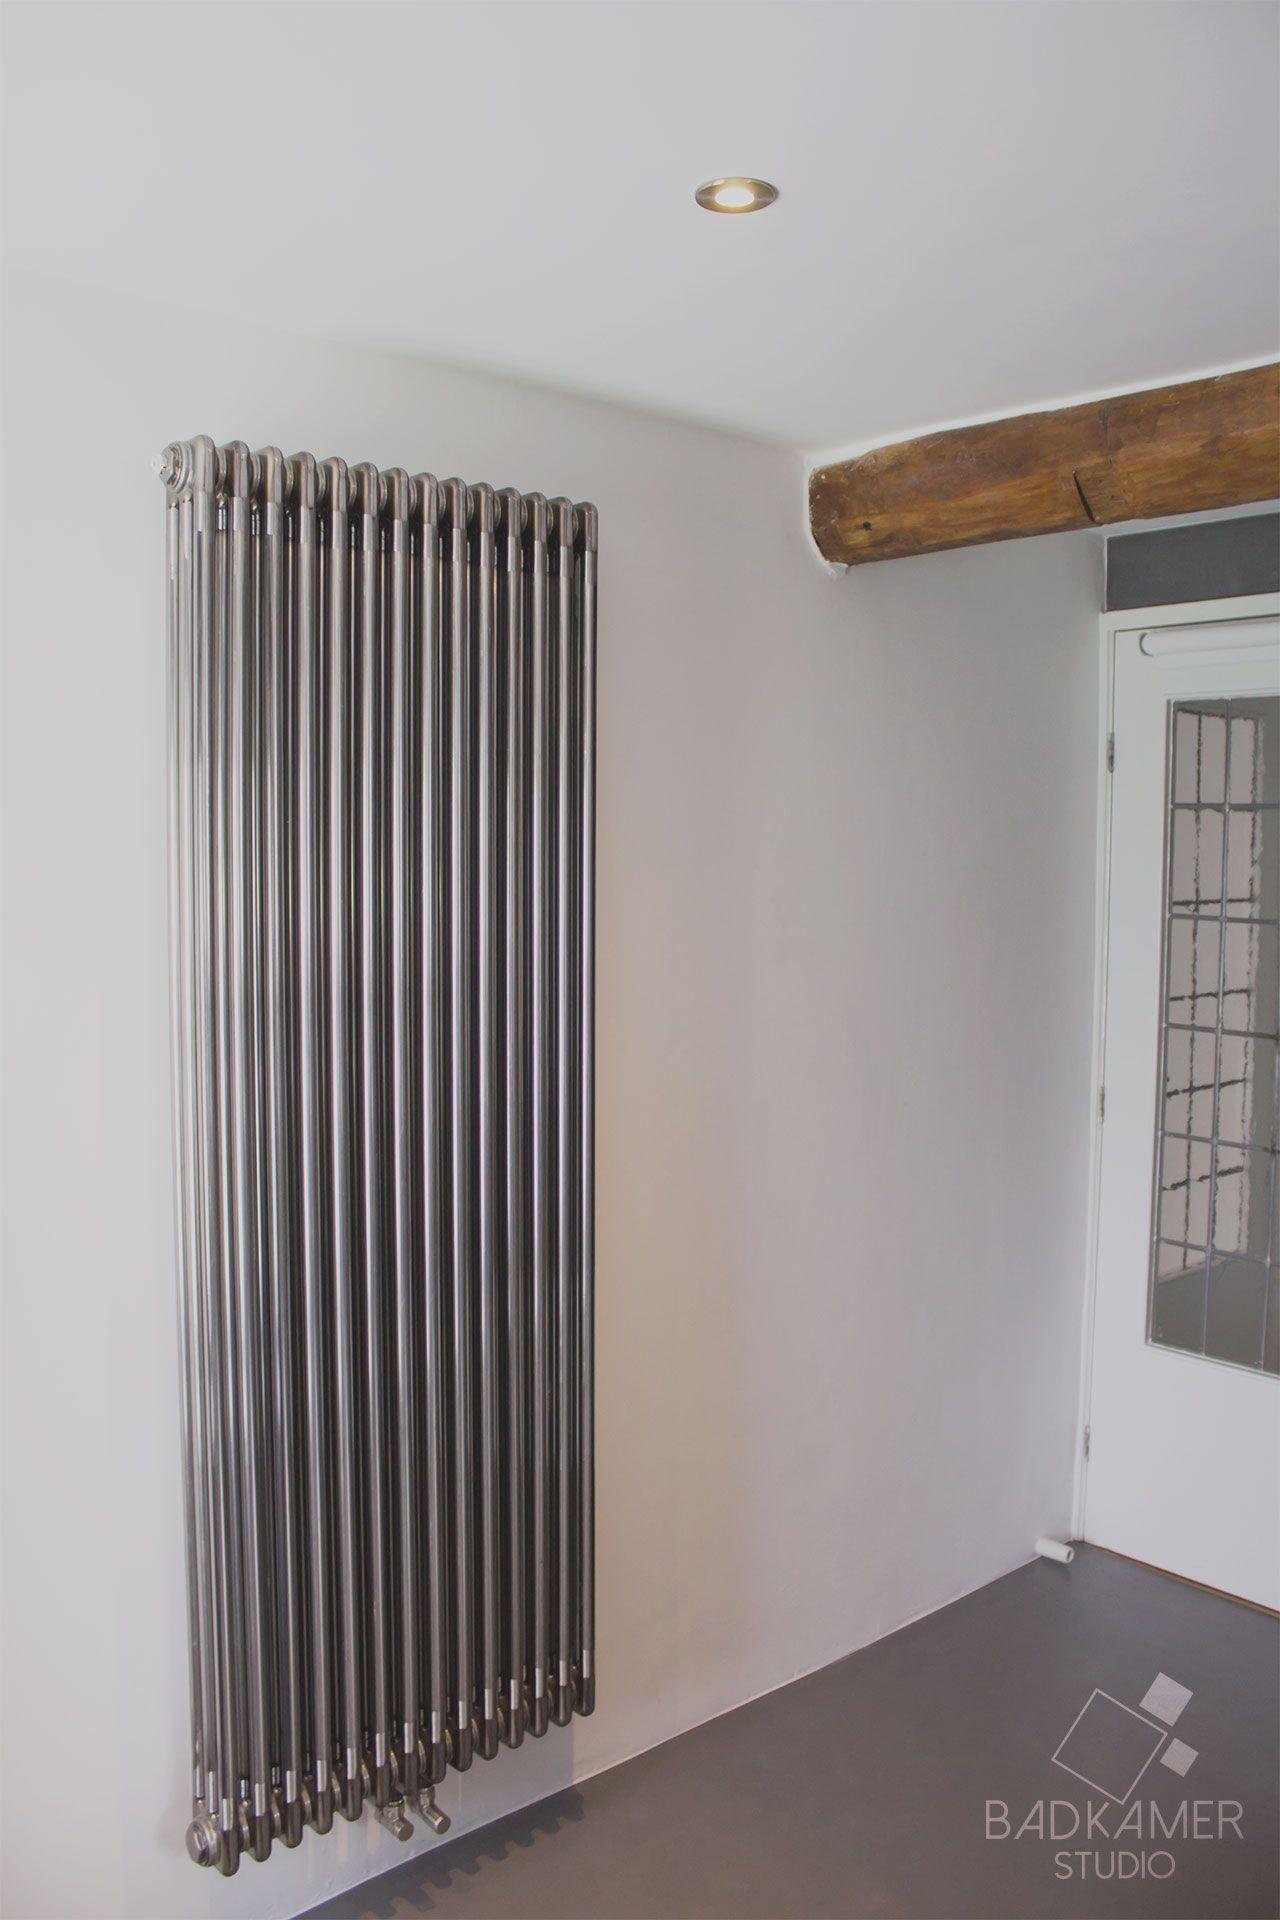 Inspiratieboost: een radiator in de badkamer | Badkamers | Pinterest